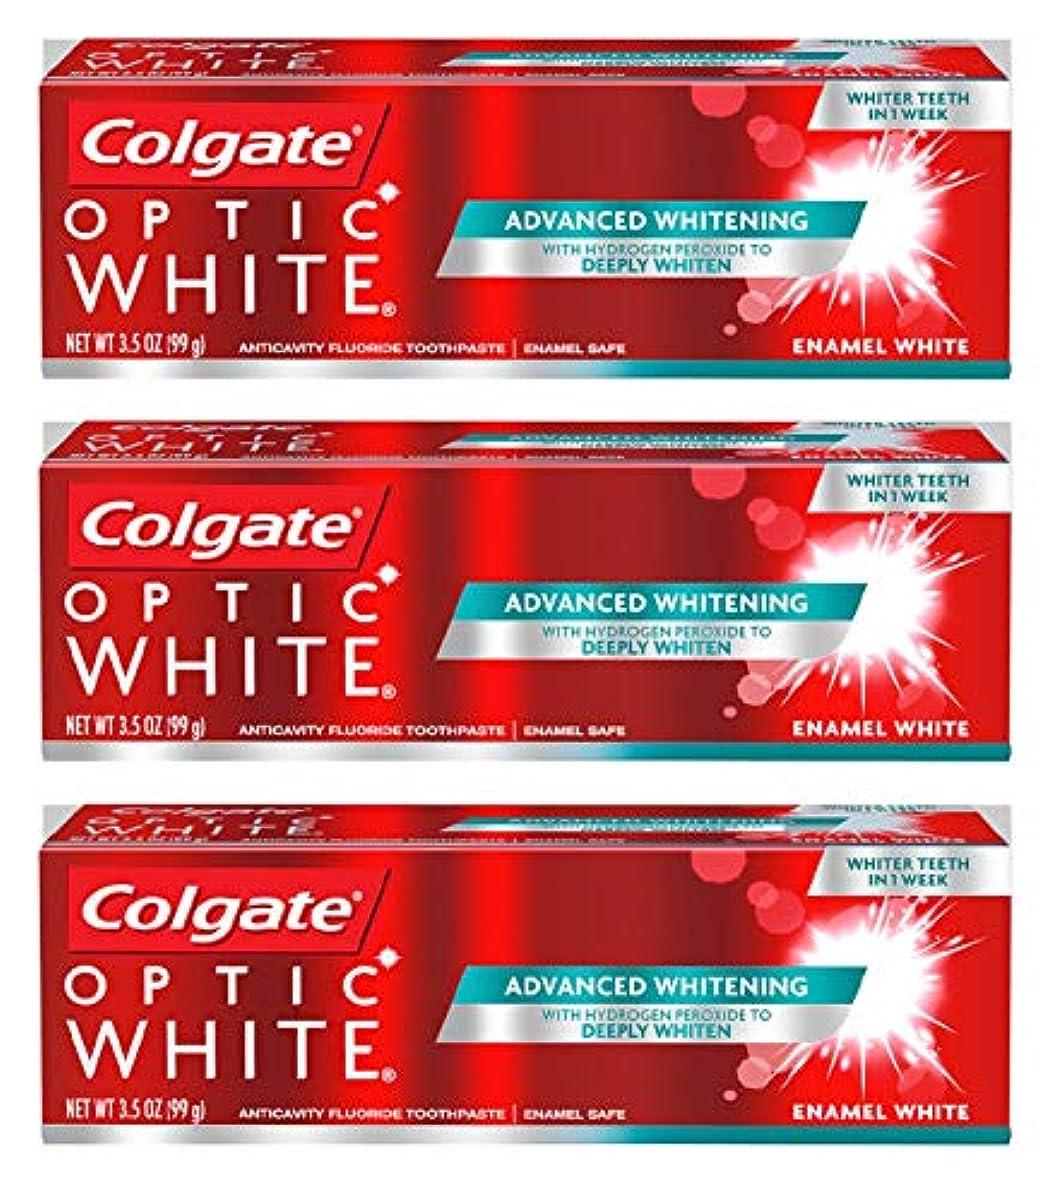 主婦一麺Colgate オプティックホワイト虫歯予防フッ素の歯磨き粉、エナメルホワイト、ルミナスミント3.5オンス(3パック) 3パック